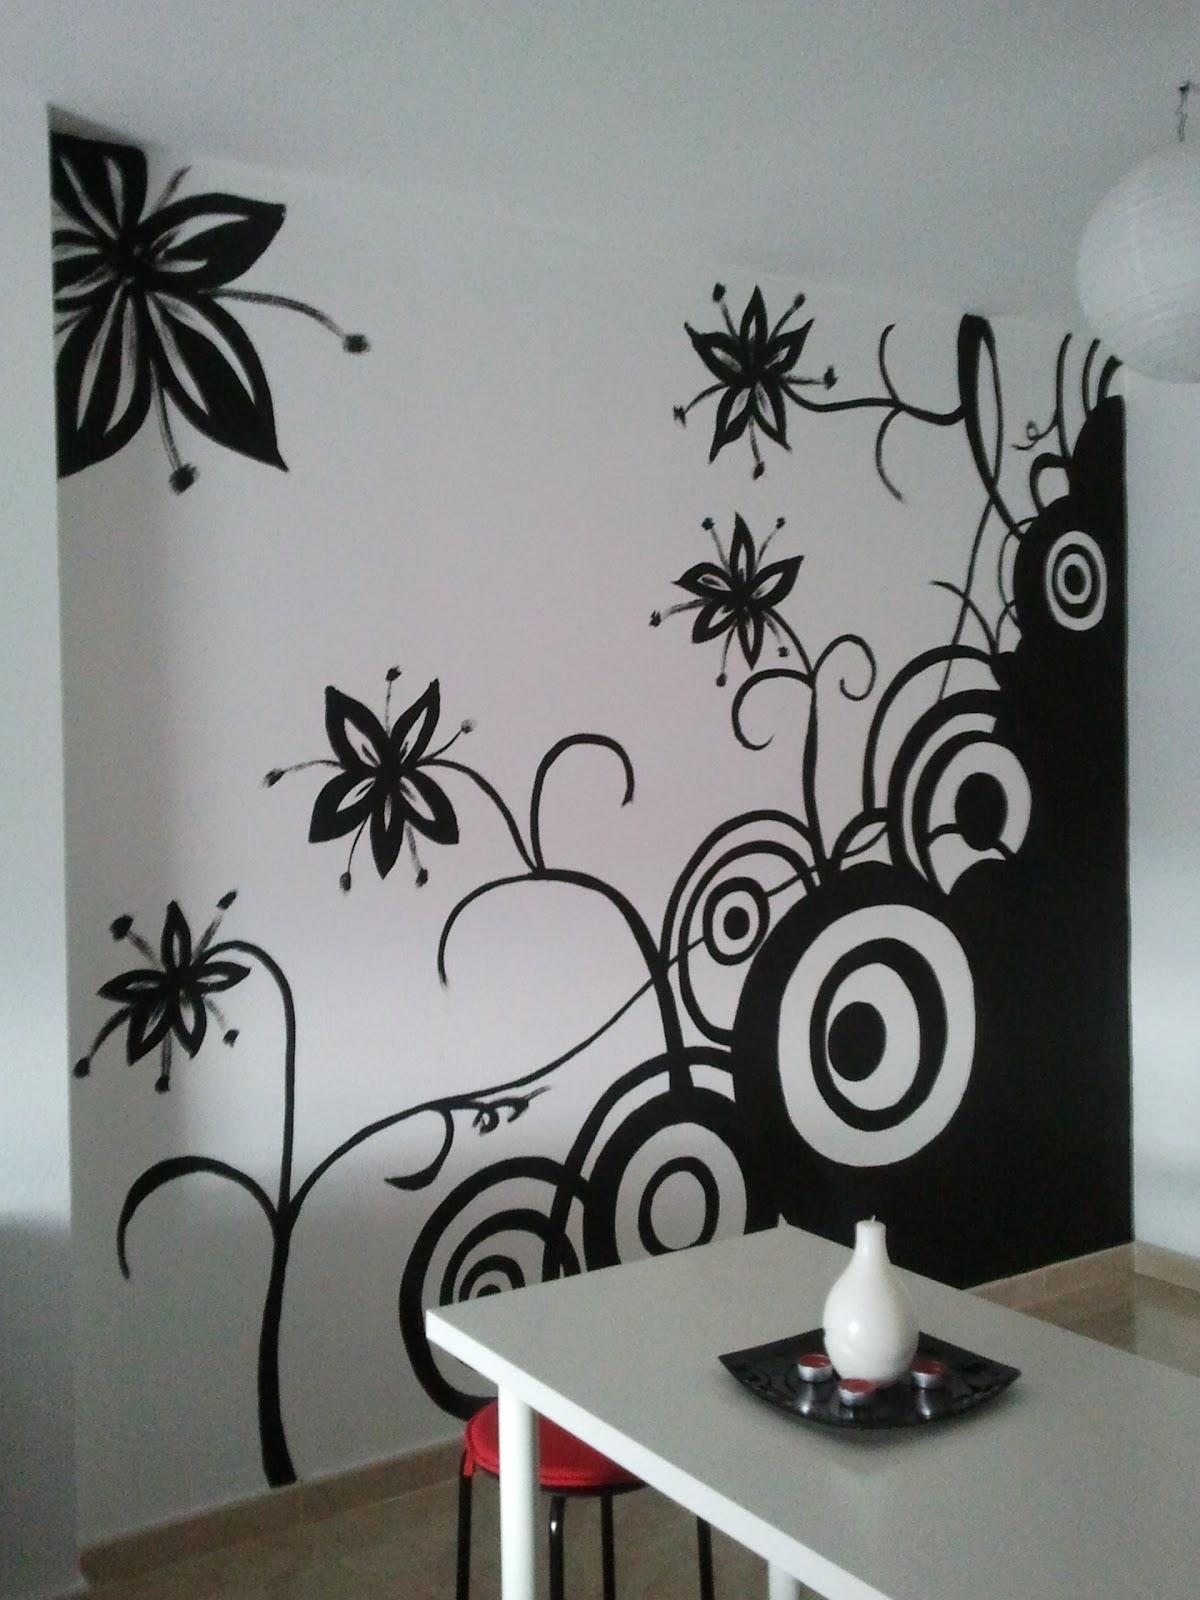 Pinturas decorativas en paredes noviembre 2012 - Pinturas decorativas en paredes ...